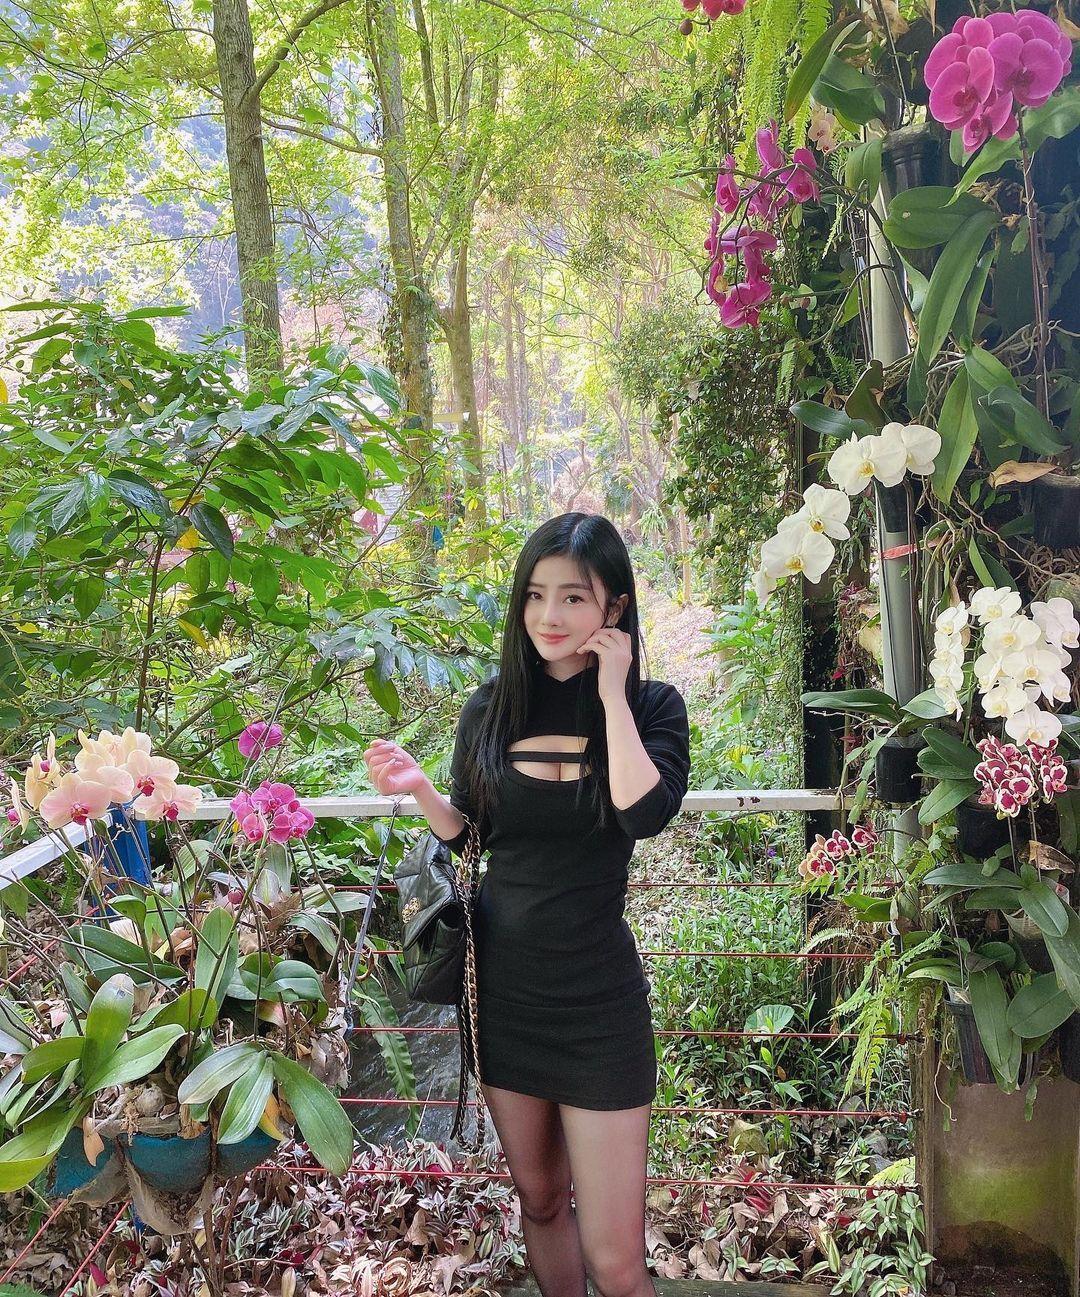 长发正妹OLvivi02257白衬衫黑窄裙前凸后翘S曲线 宅男吧 热图4